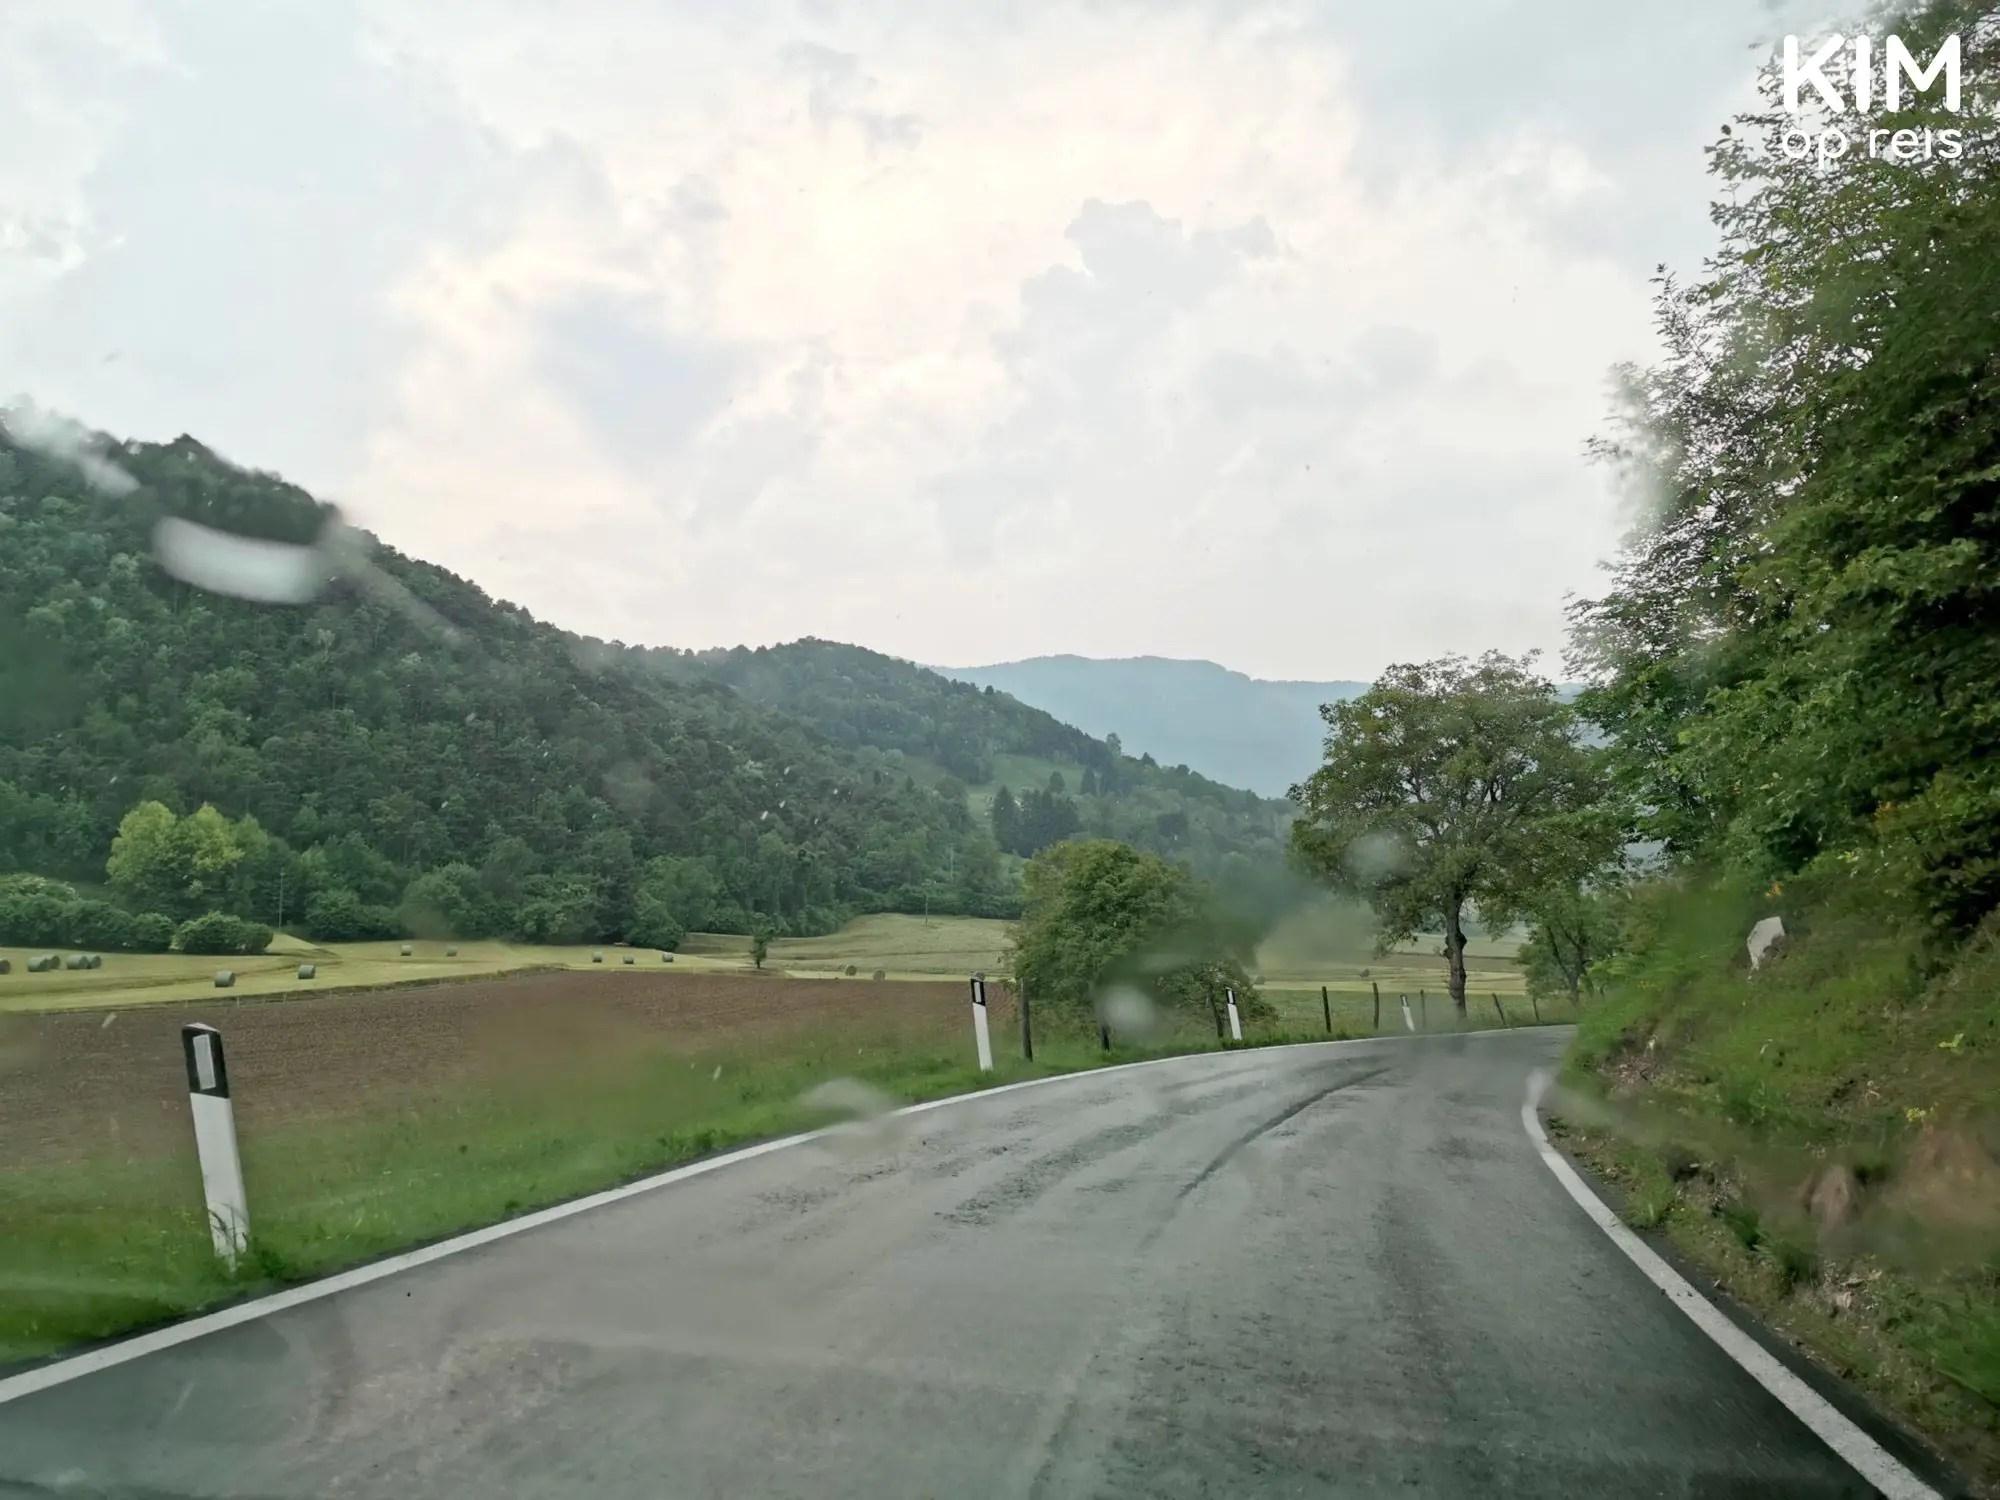 Regenachtig Tremosine - foto van de weg vanuit de auto door een autoraam met regendruppels